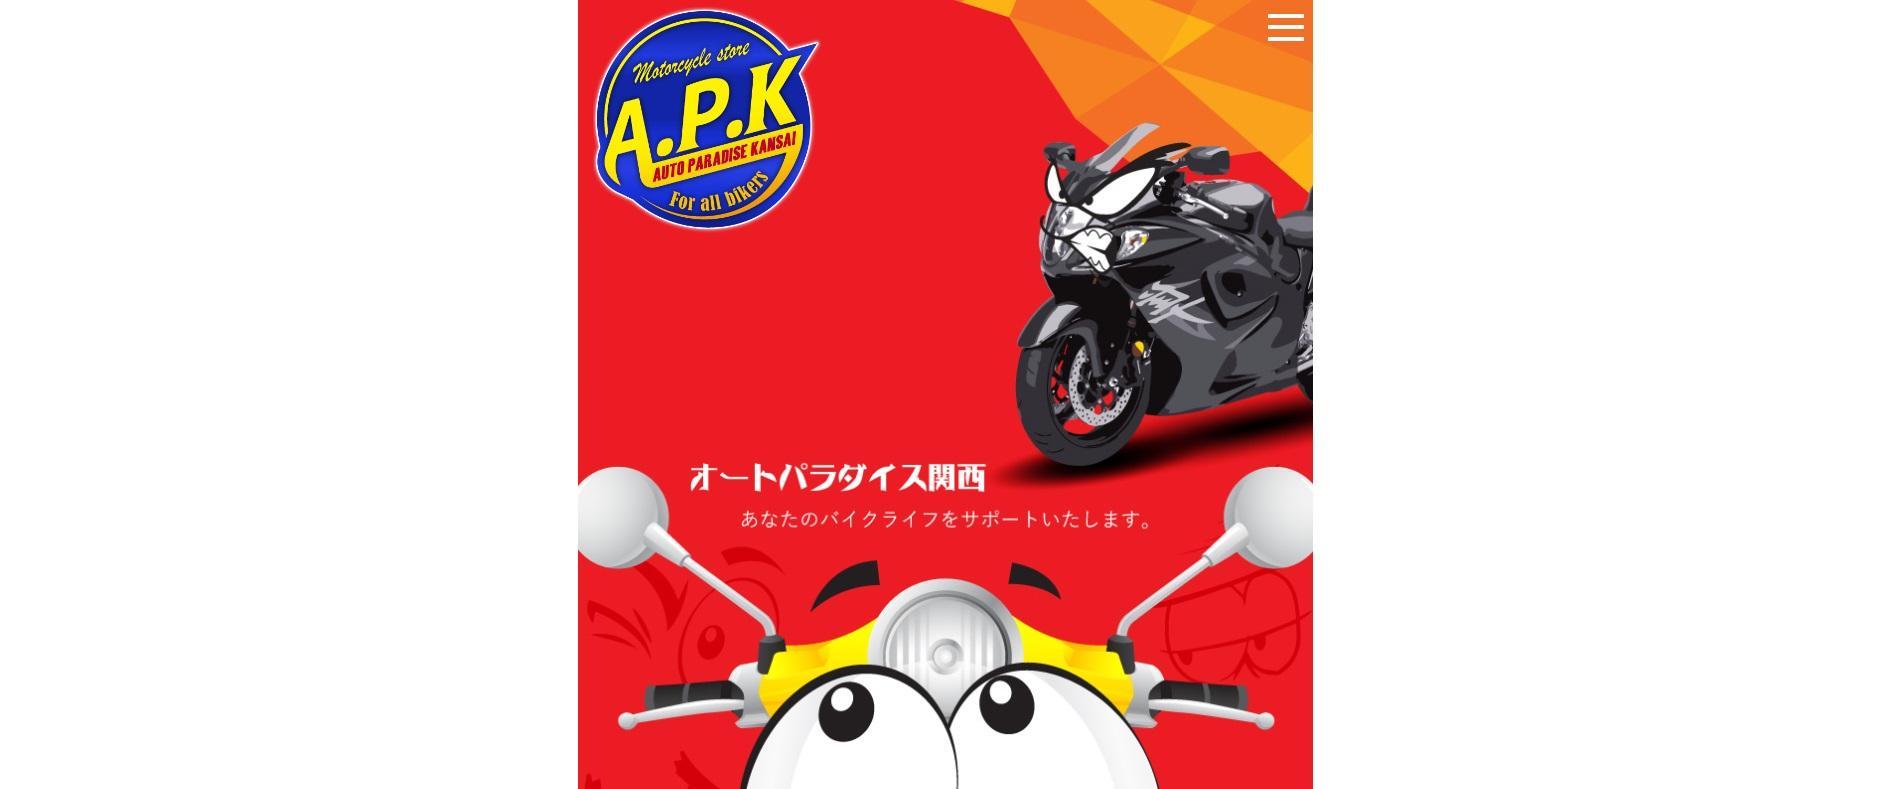 A.P.K(オートパラダイス関西) 大阪狭山店